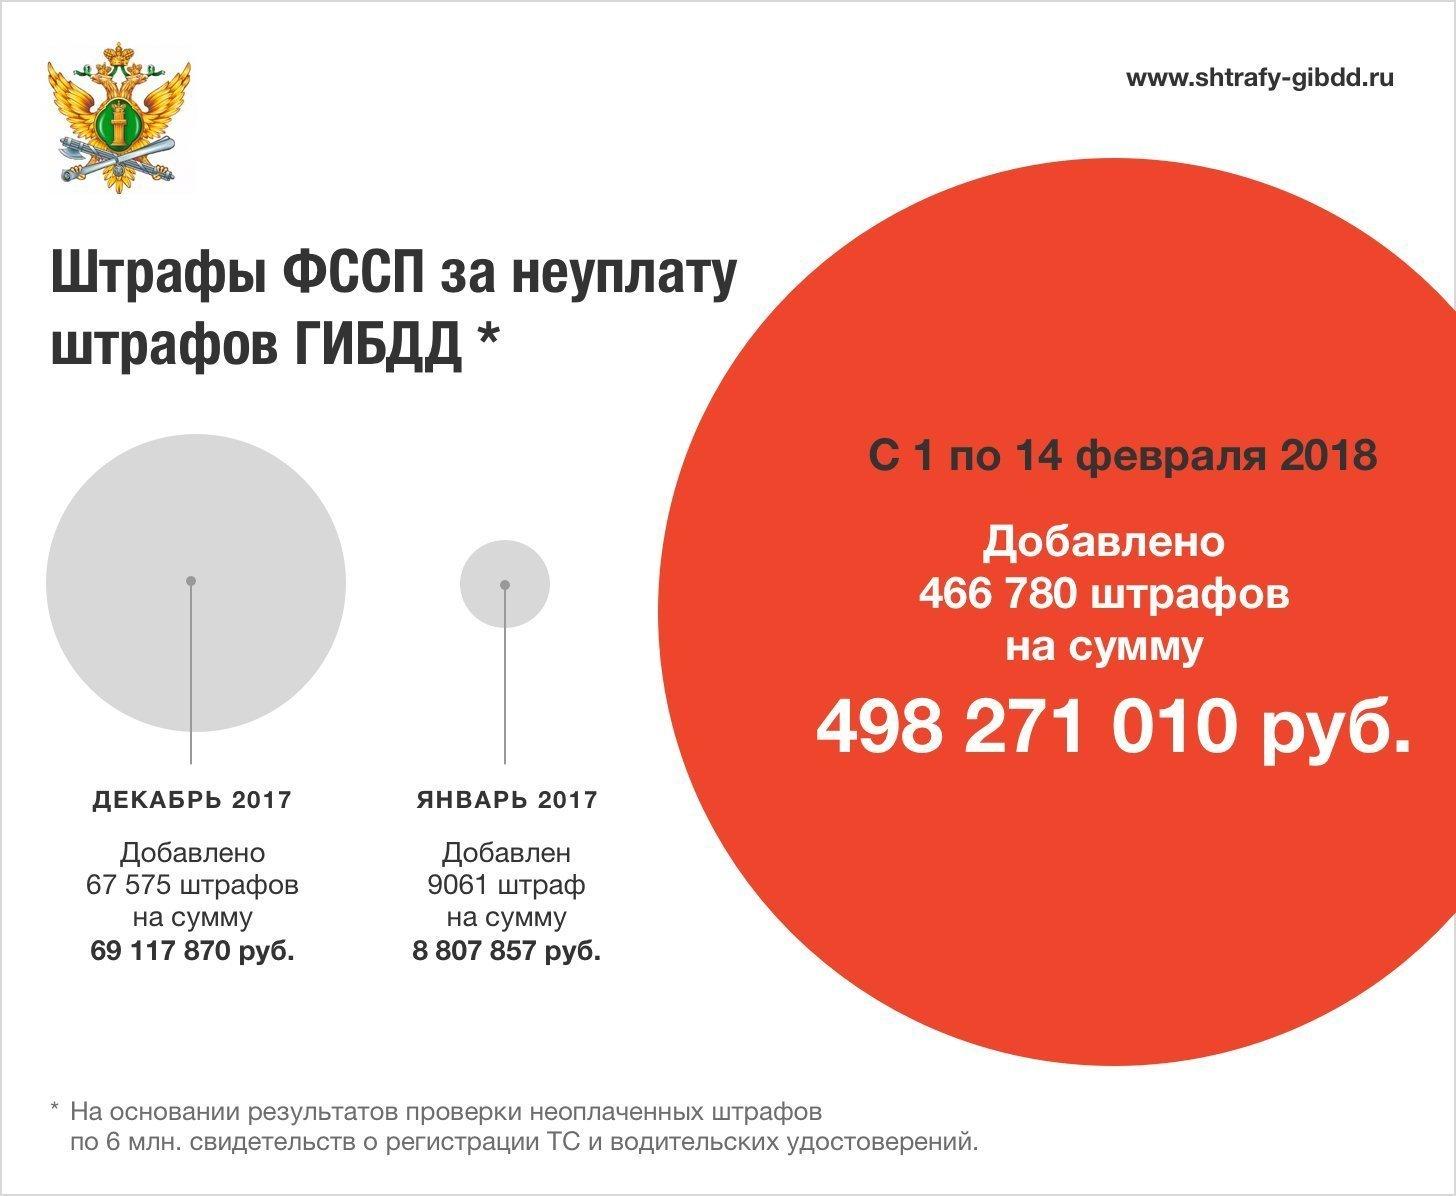 Штрафы судебных приставов за неуплату штрафов ГИБДД 2018